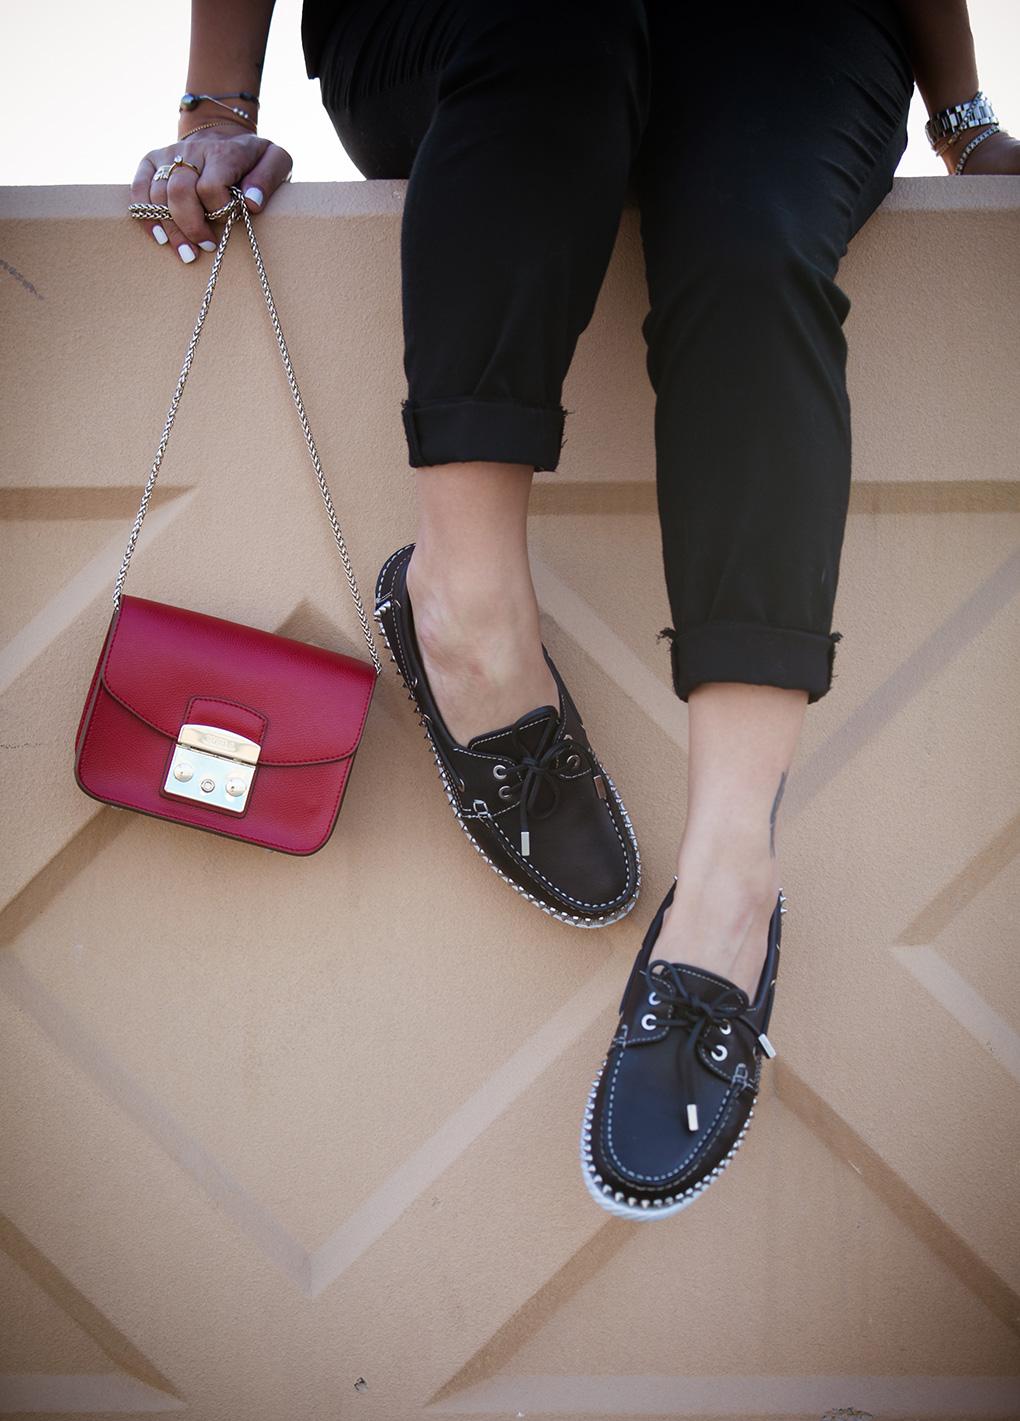 Lyla_Love_Fashion_maje_christian_louboutin_loafers-(12-of-48)